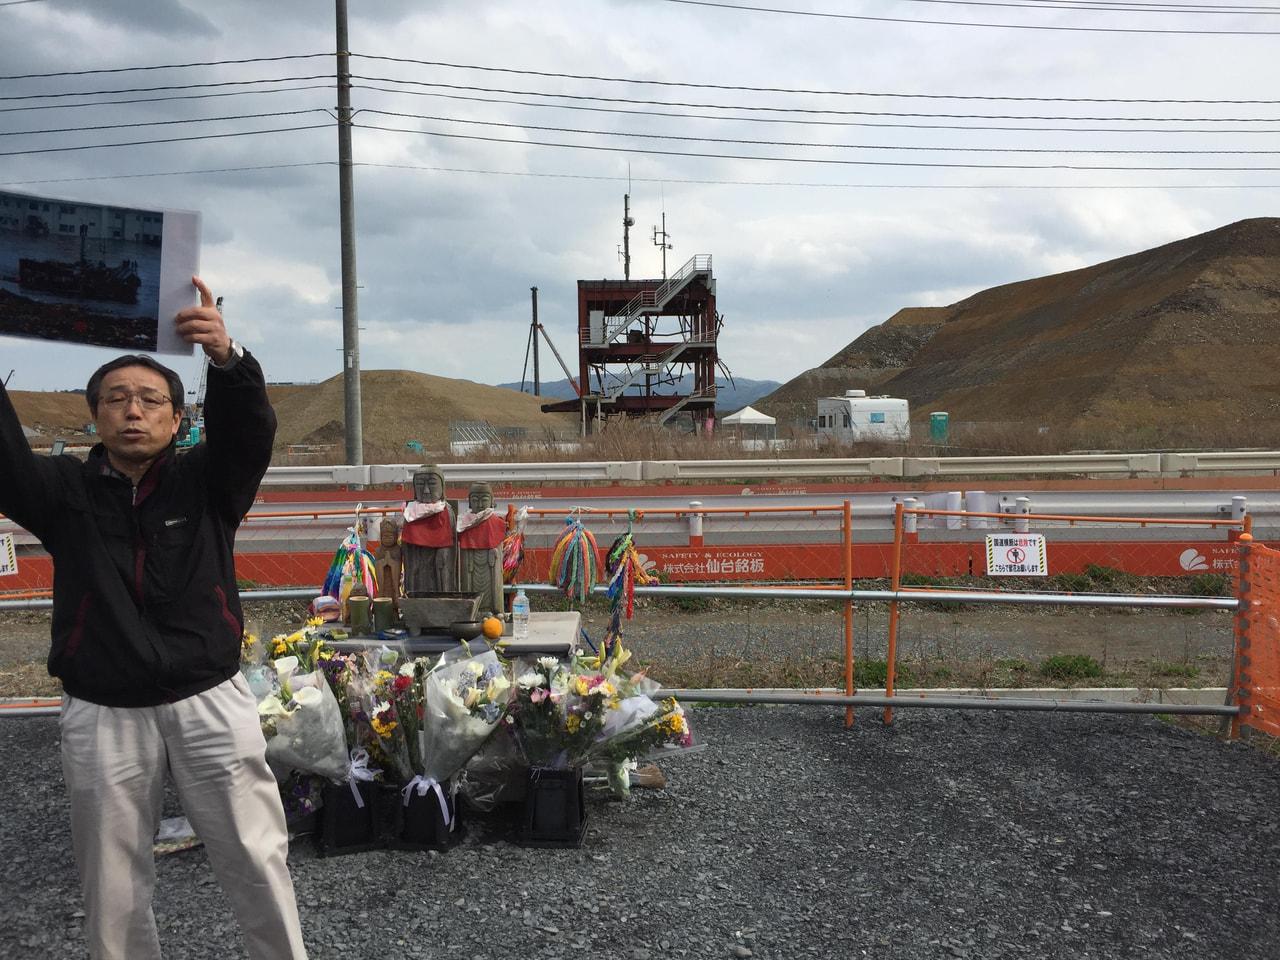 防災センターの前で震災当時の写真を見せながら説明してくださっている佐藤さん